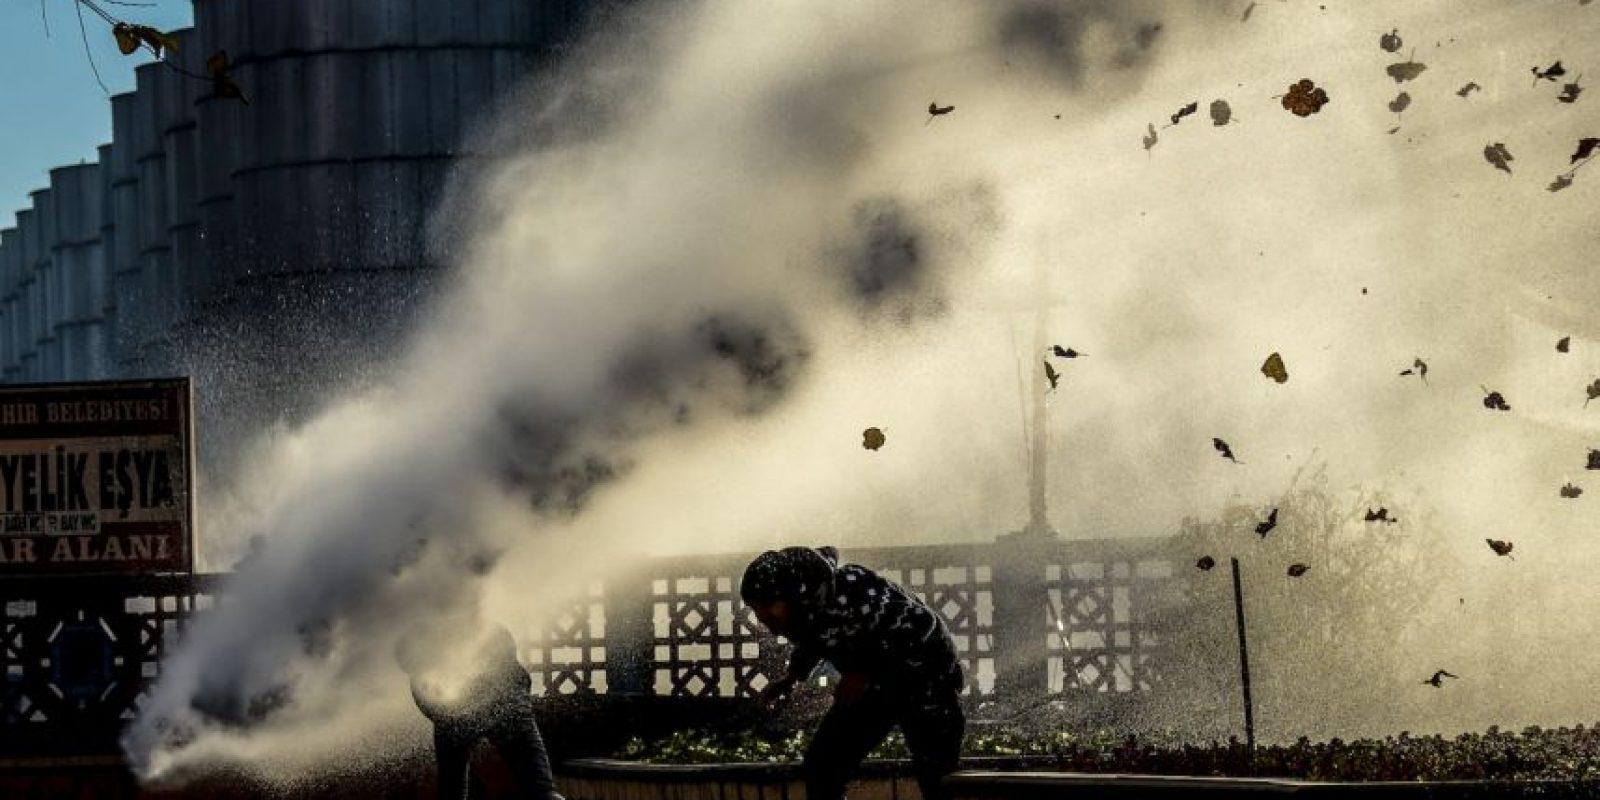 Policía antidisturbios en Turquía dispersa a manifestantes con cañones de agua. Foto:AFP